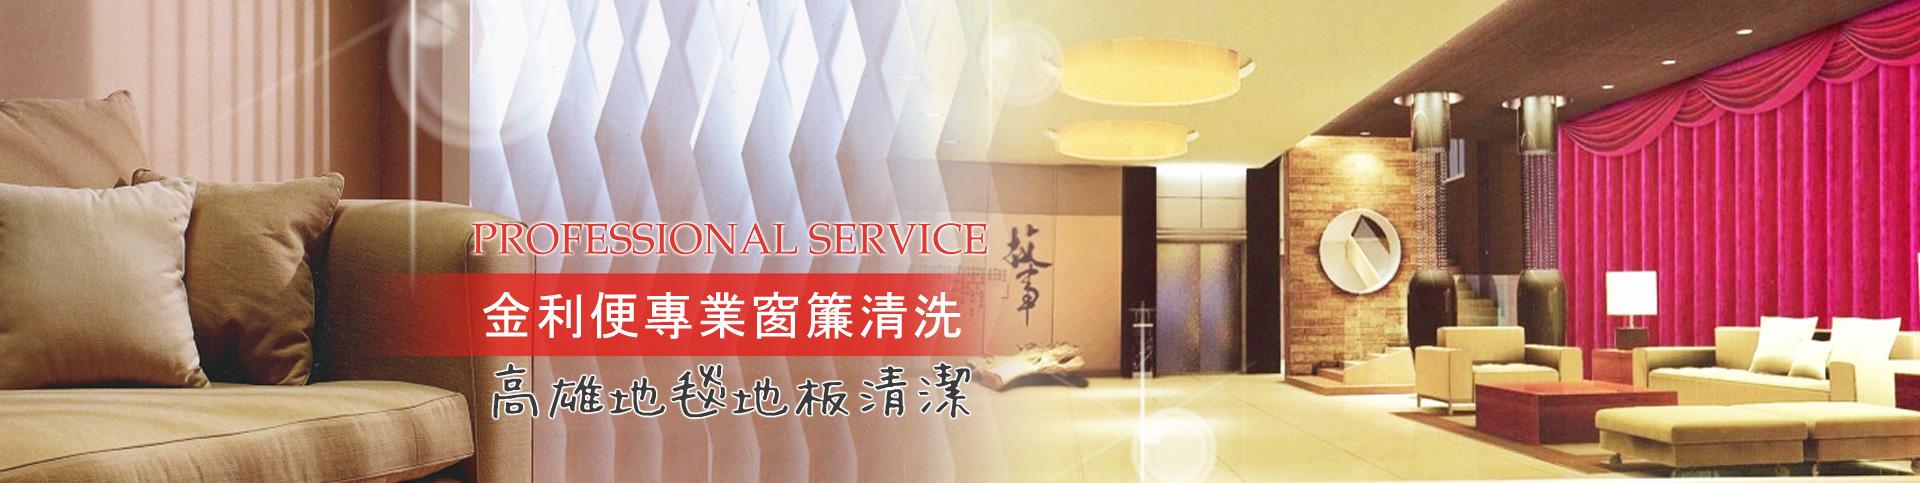 金利便專業窗簾清洗店(高雄地毯地板清潔)